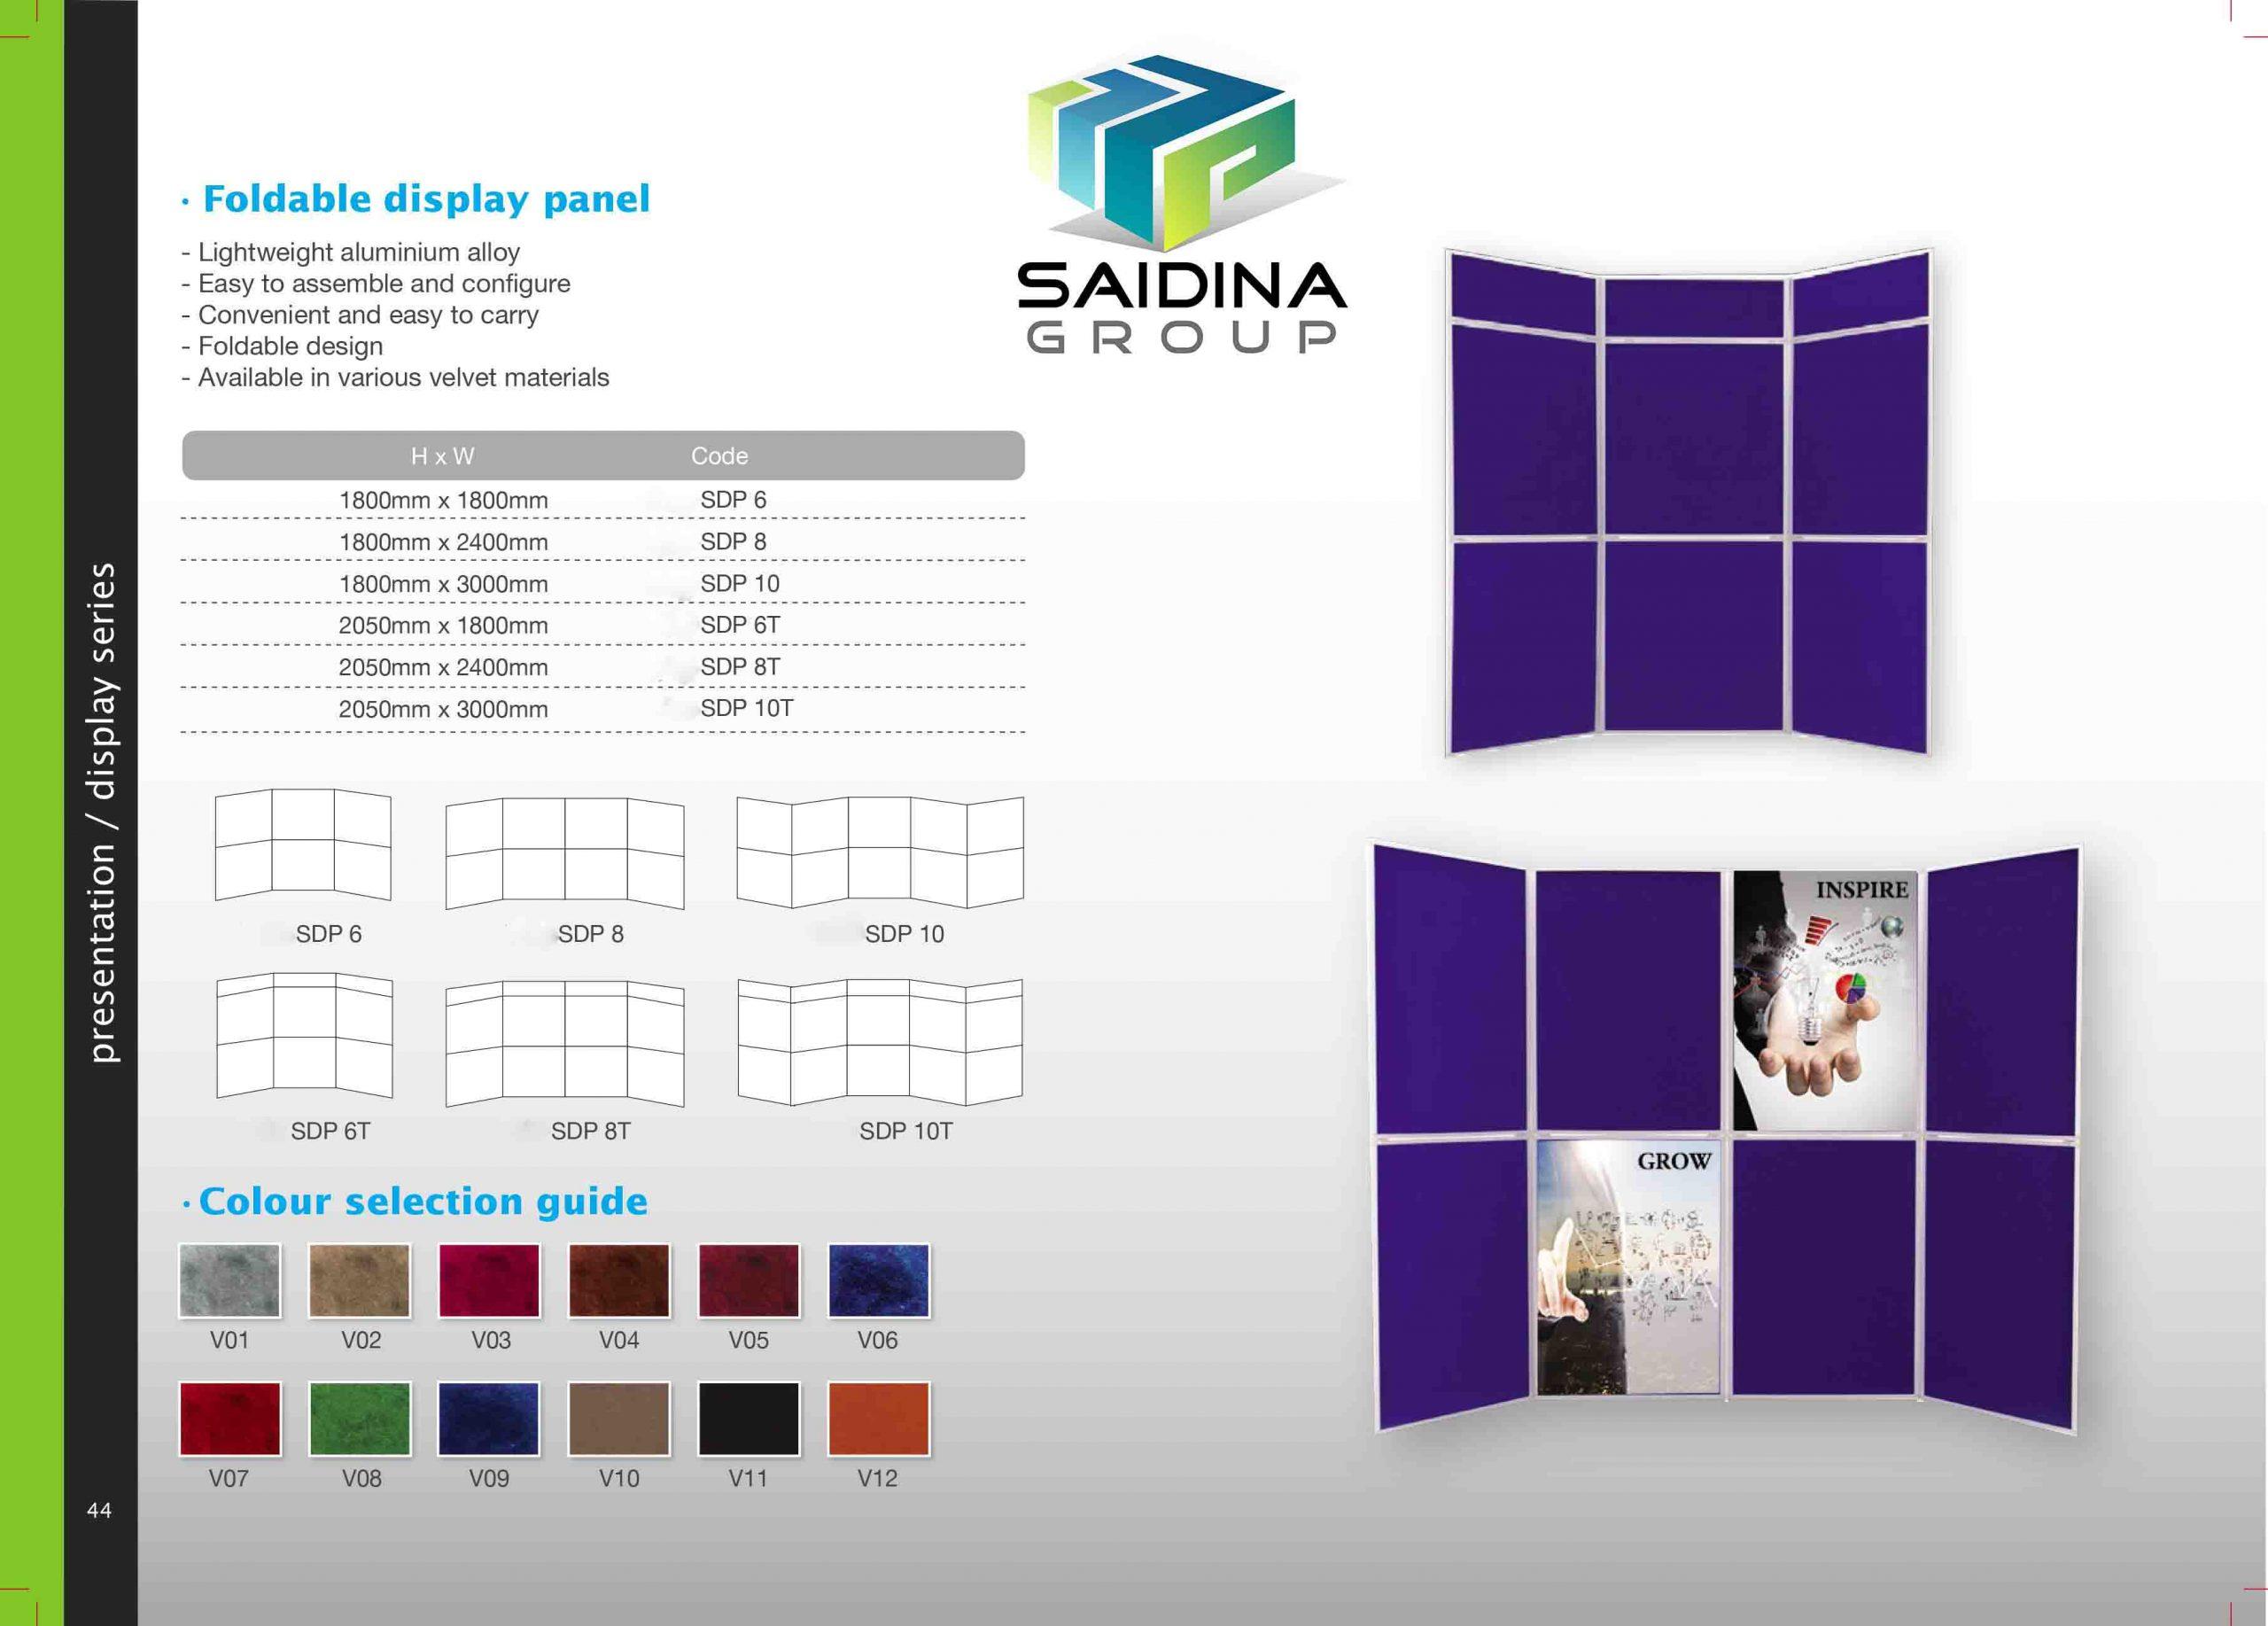 foldable display panel